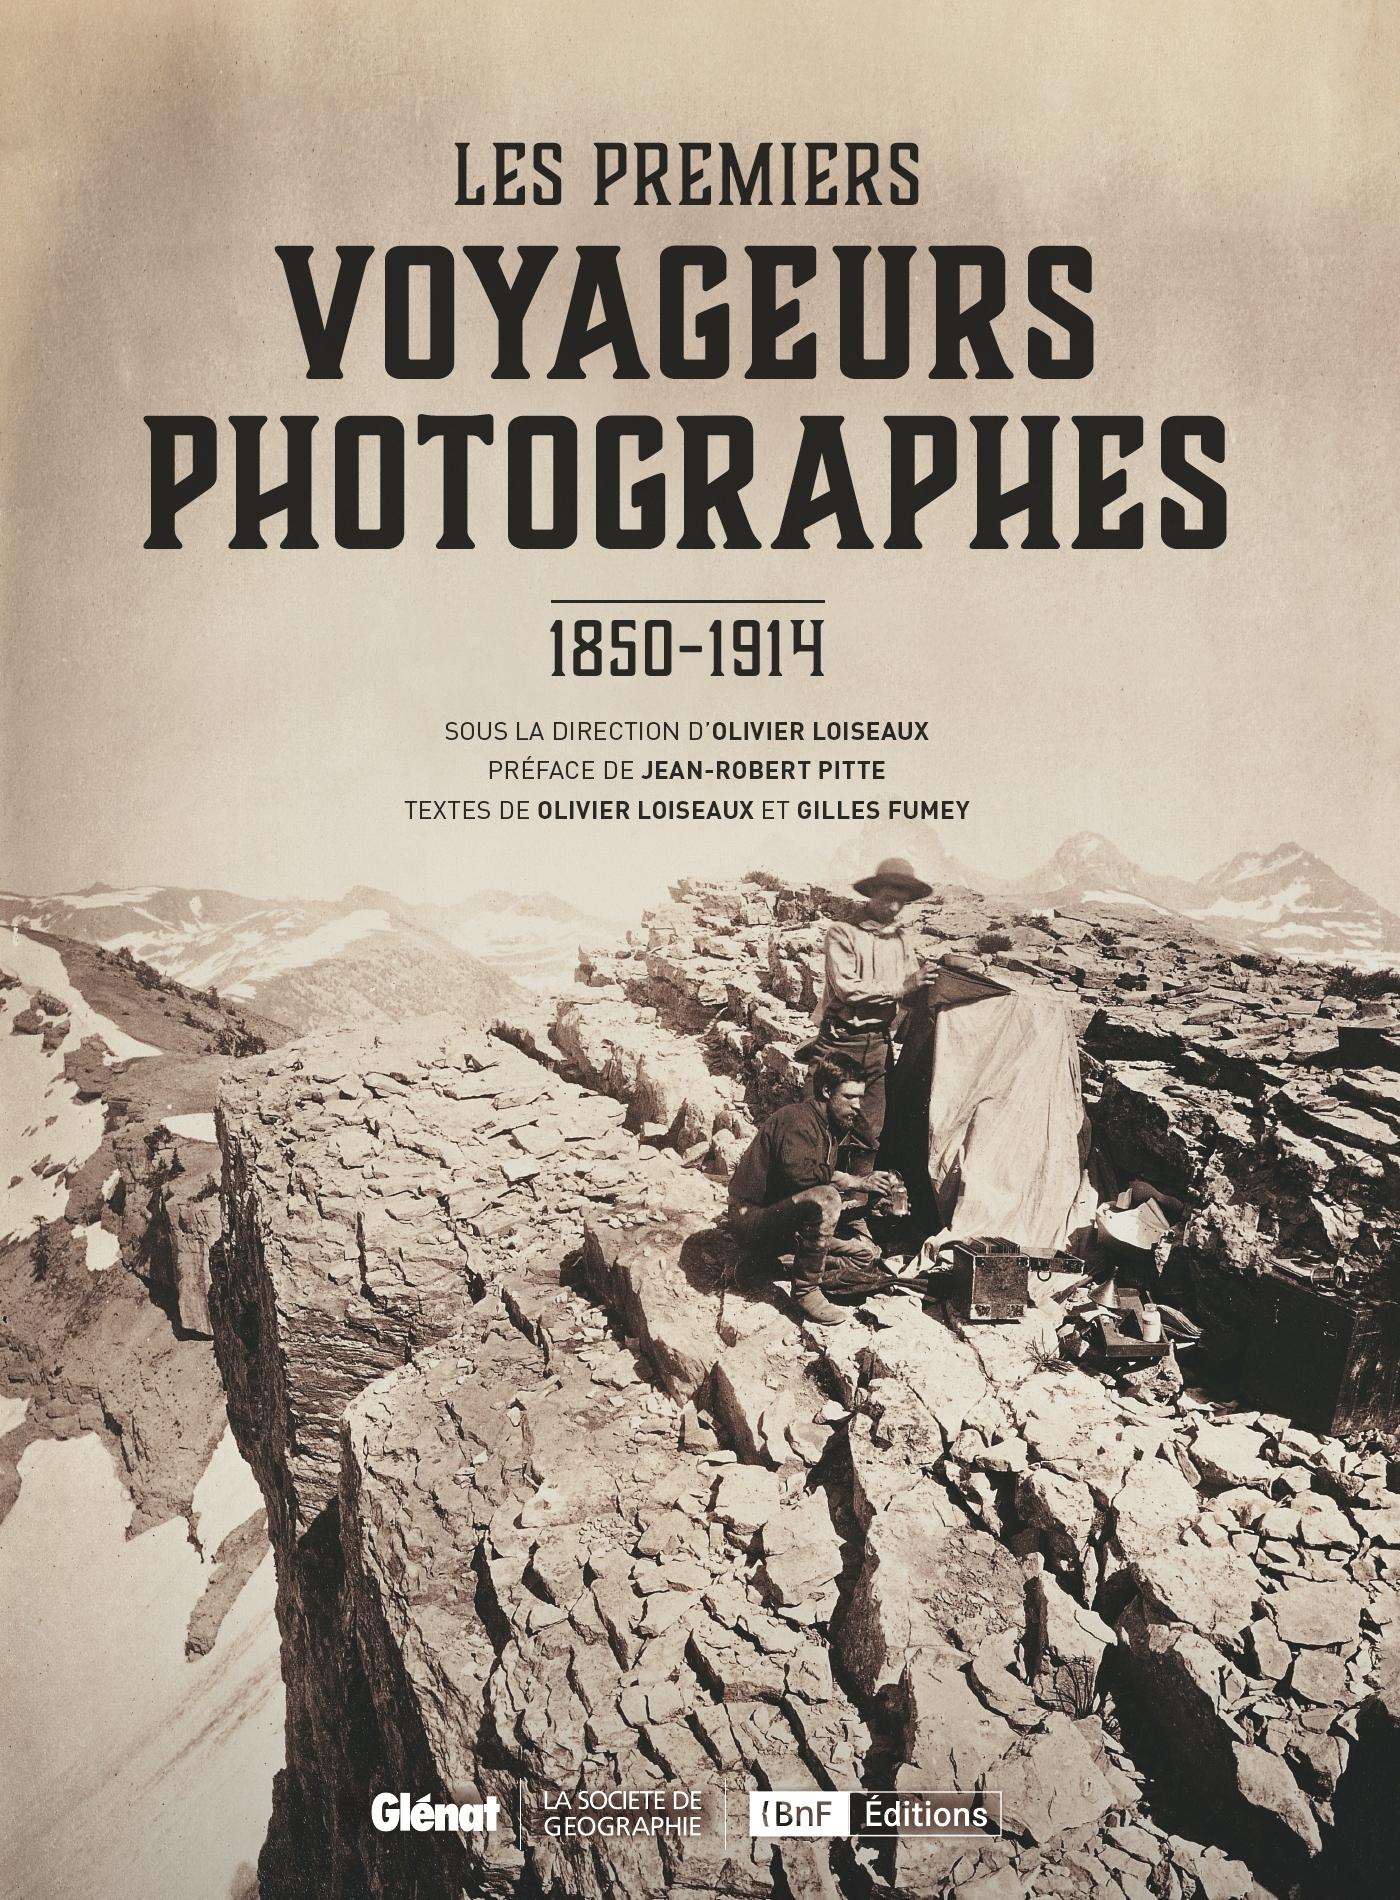 LES PREMIERS VOYAGEURS PHOTOGRAPHES - 1850-1914